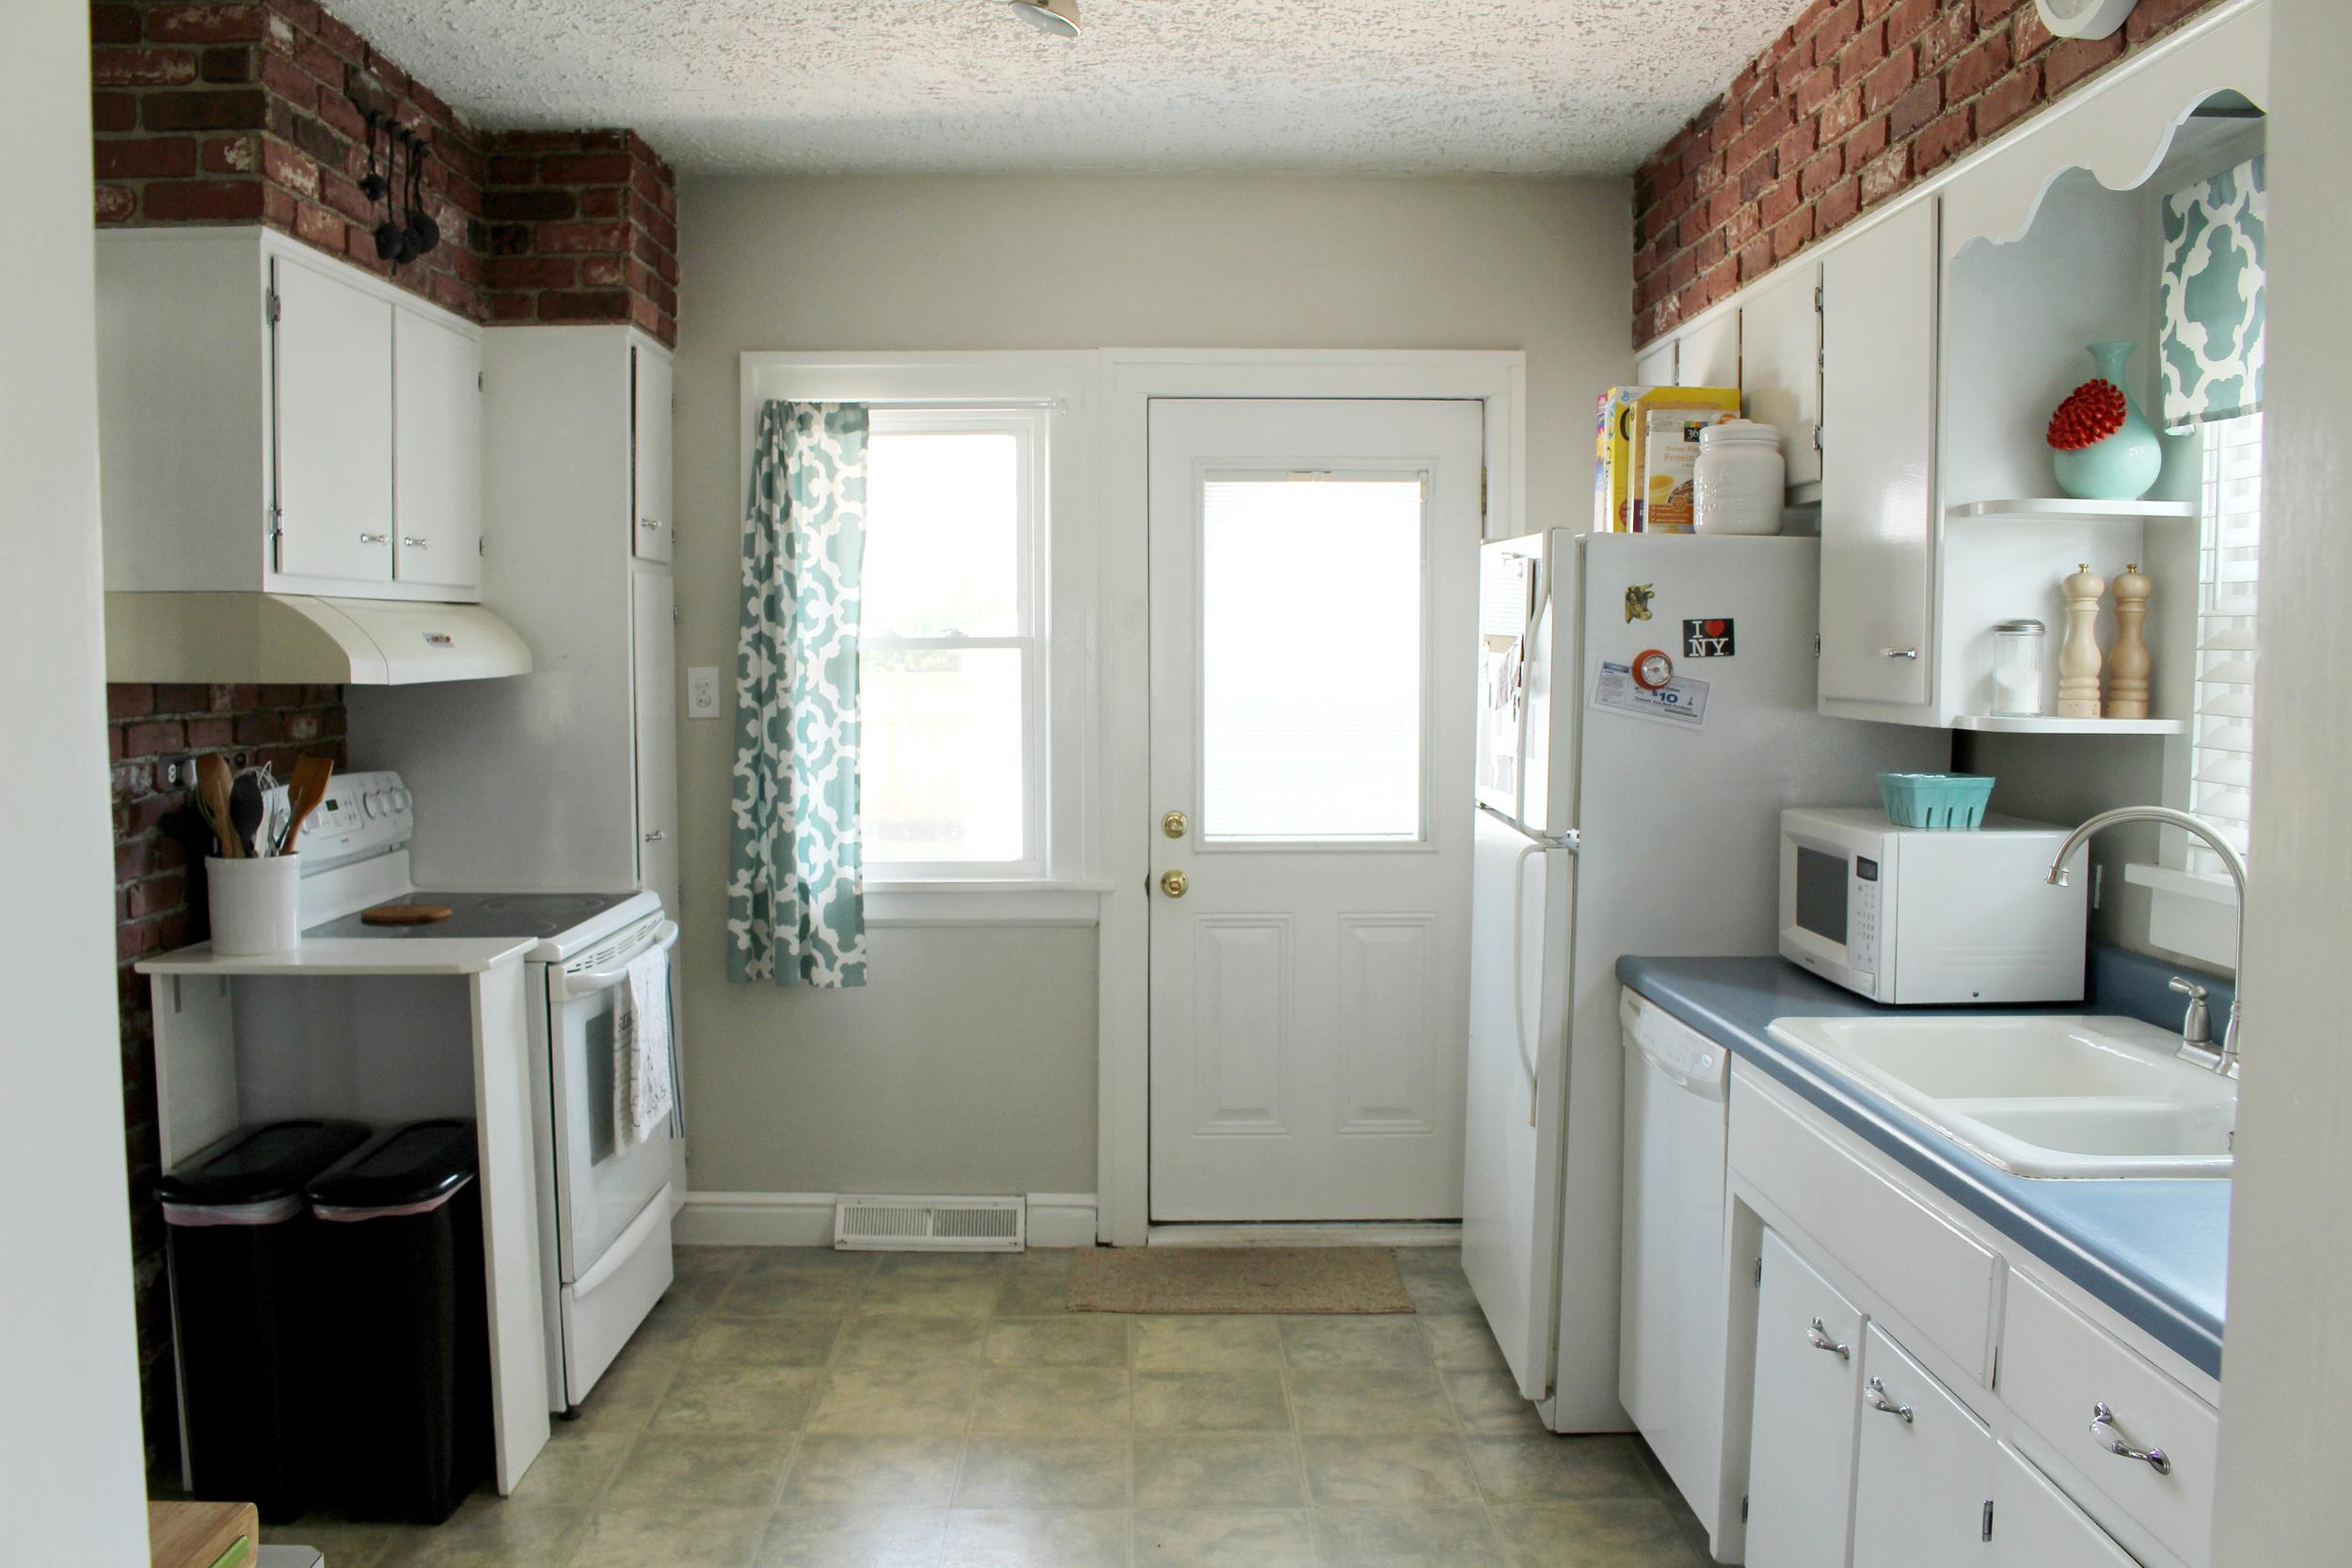 Kitchen_Before_3.jpg